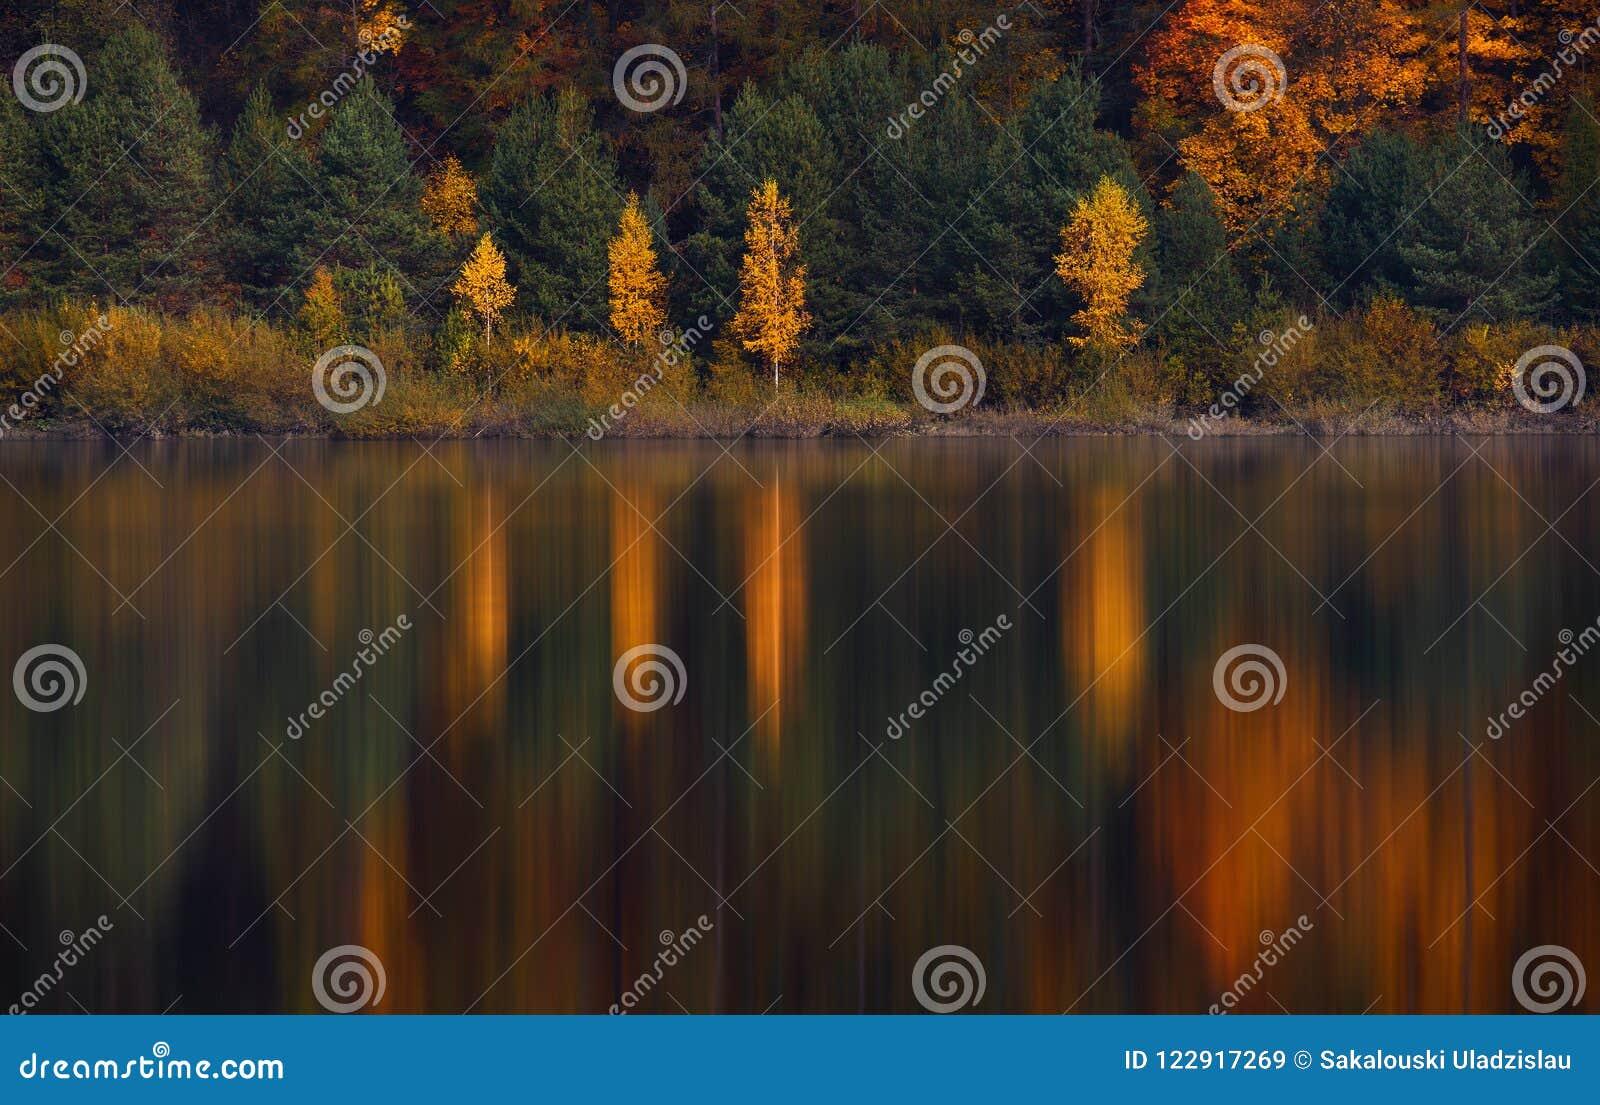 Τοπίο φθινοπώρου με τέσσερις σημύδες με το κίτρινο φύλλωμα και η όμορφη χρωματισμένη αντανάκλασή τους στο ακόμα νερό ενός μικρού